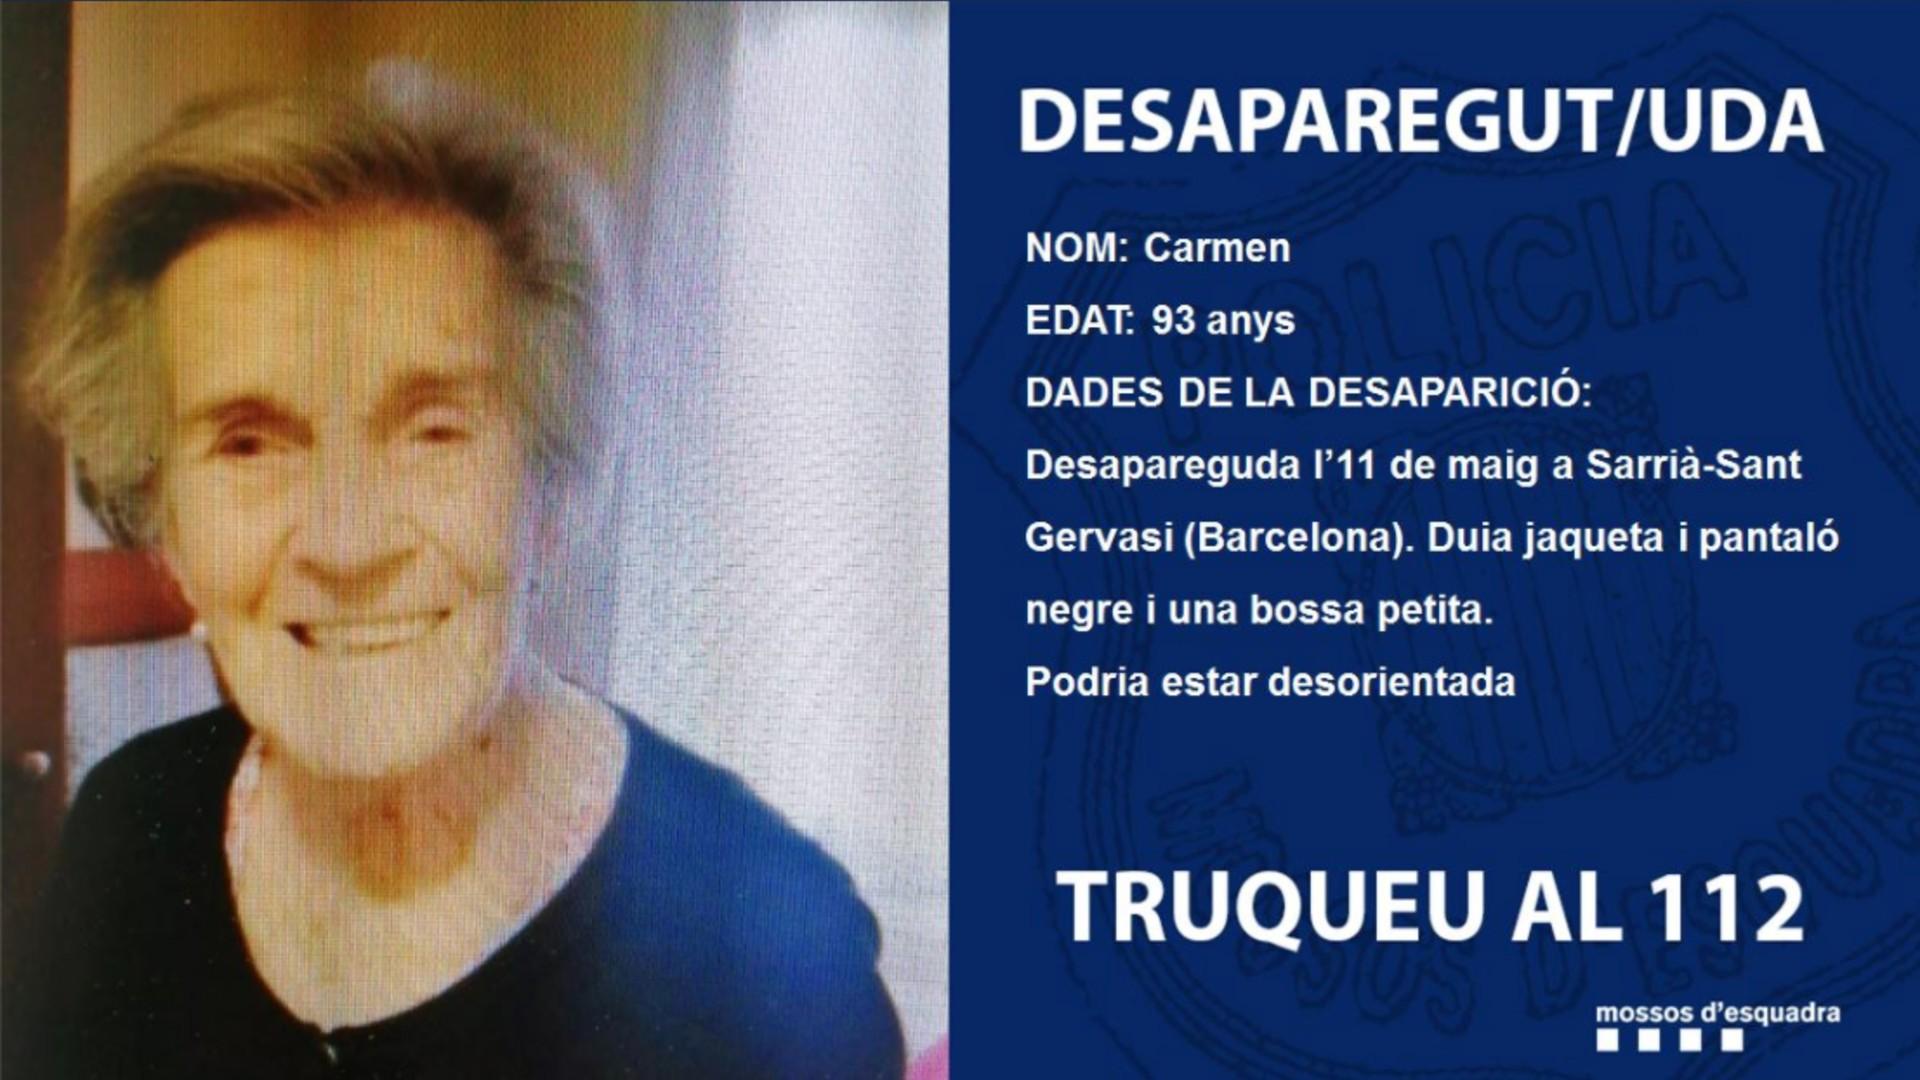 Dona desapareguda Sarrià-Sant Gervasi